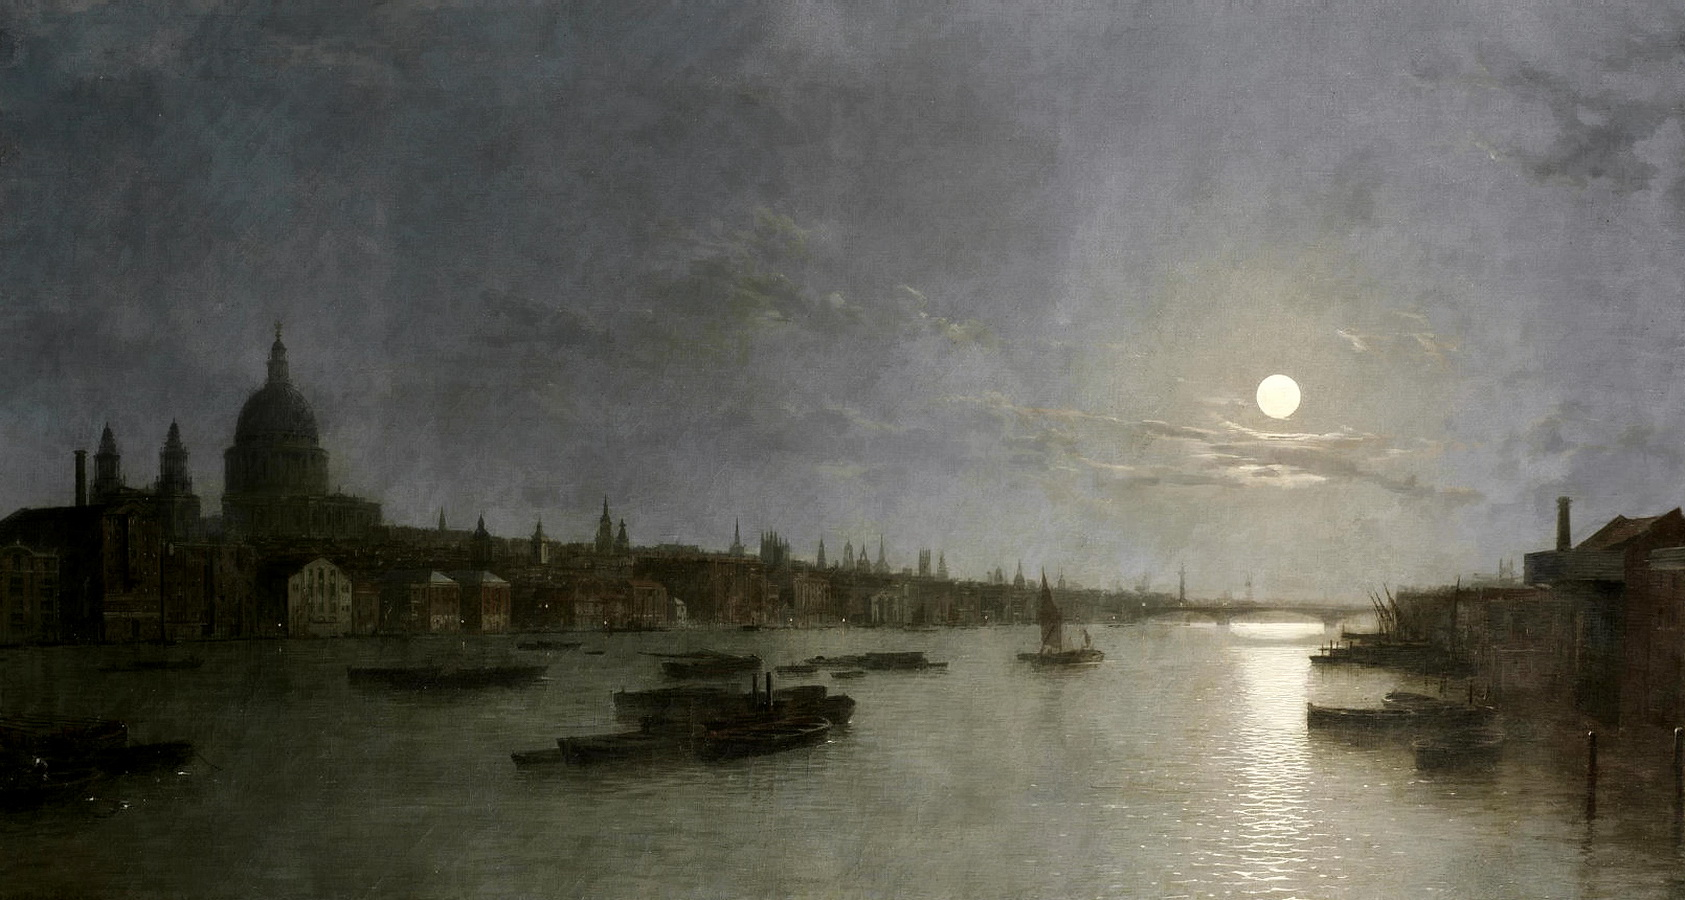 月光下的圣保罗和泰晤士河_St. Pauls and the Thames by Moonlight-亨利·佩特